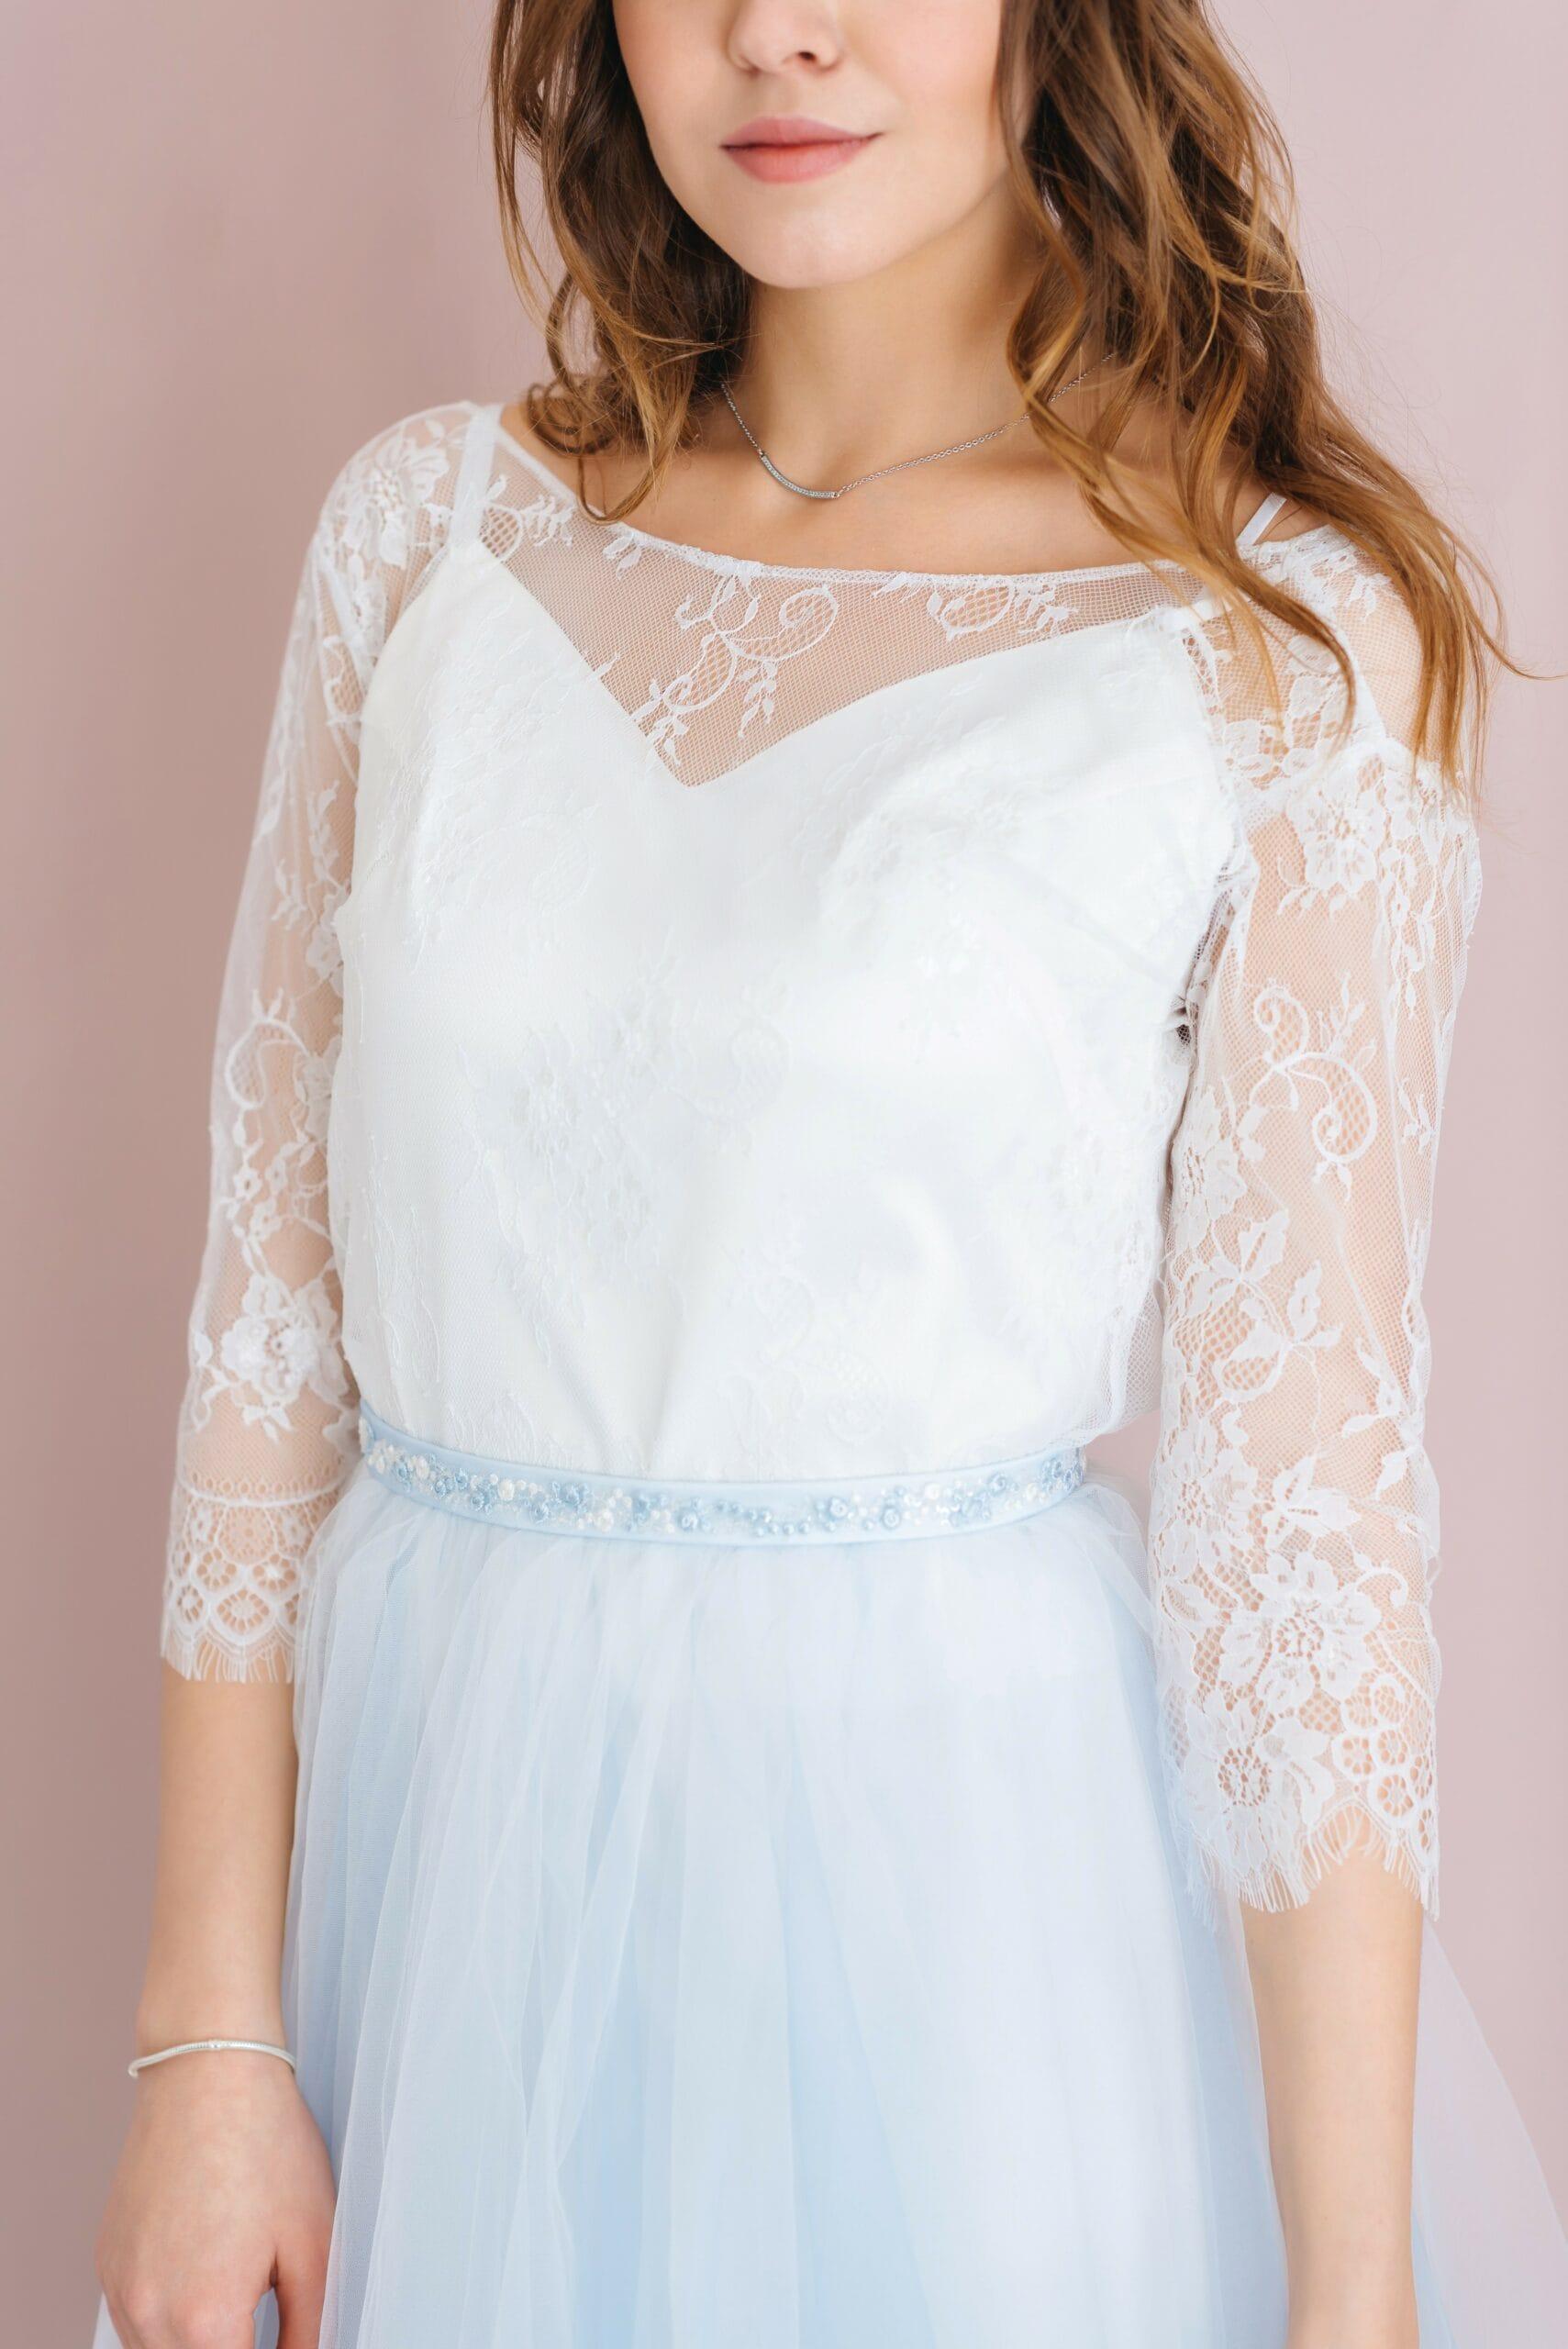 Свадебное платье LANA, коллекция LOFT, бренд RARE BRIDAL, фото 3